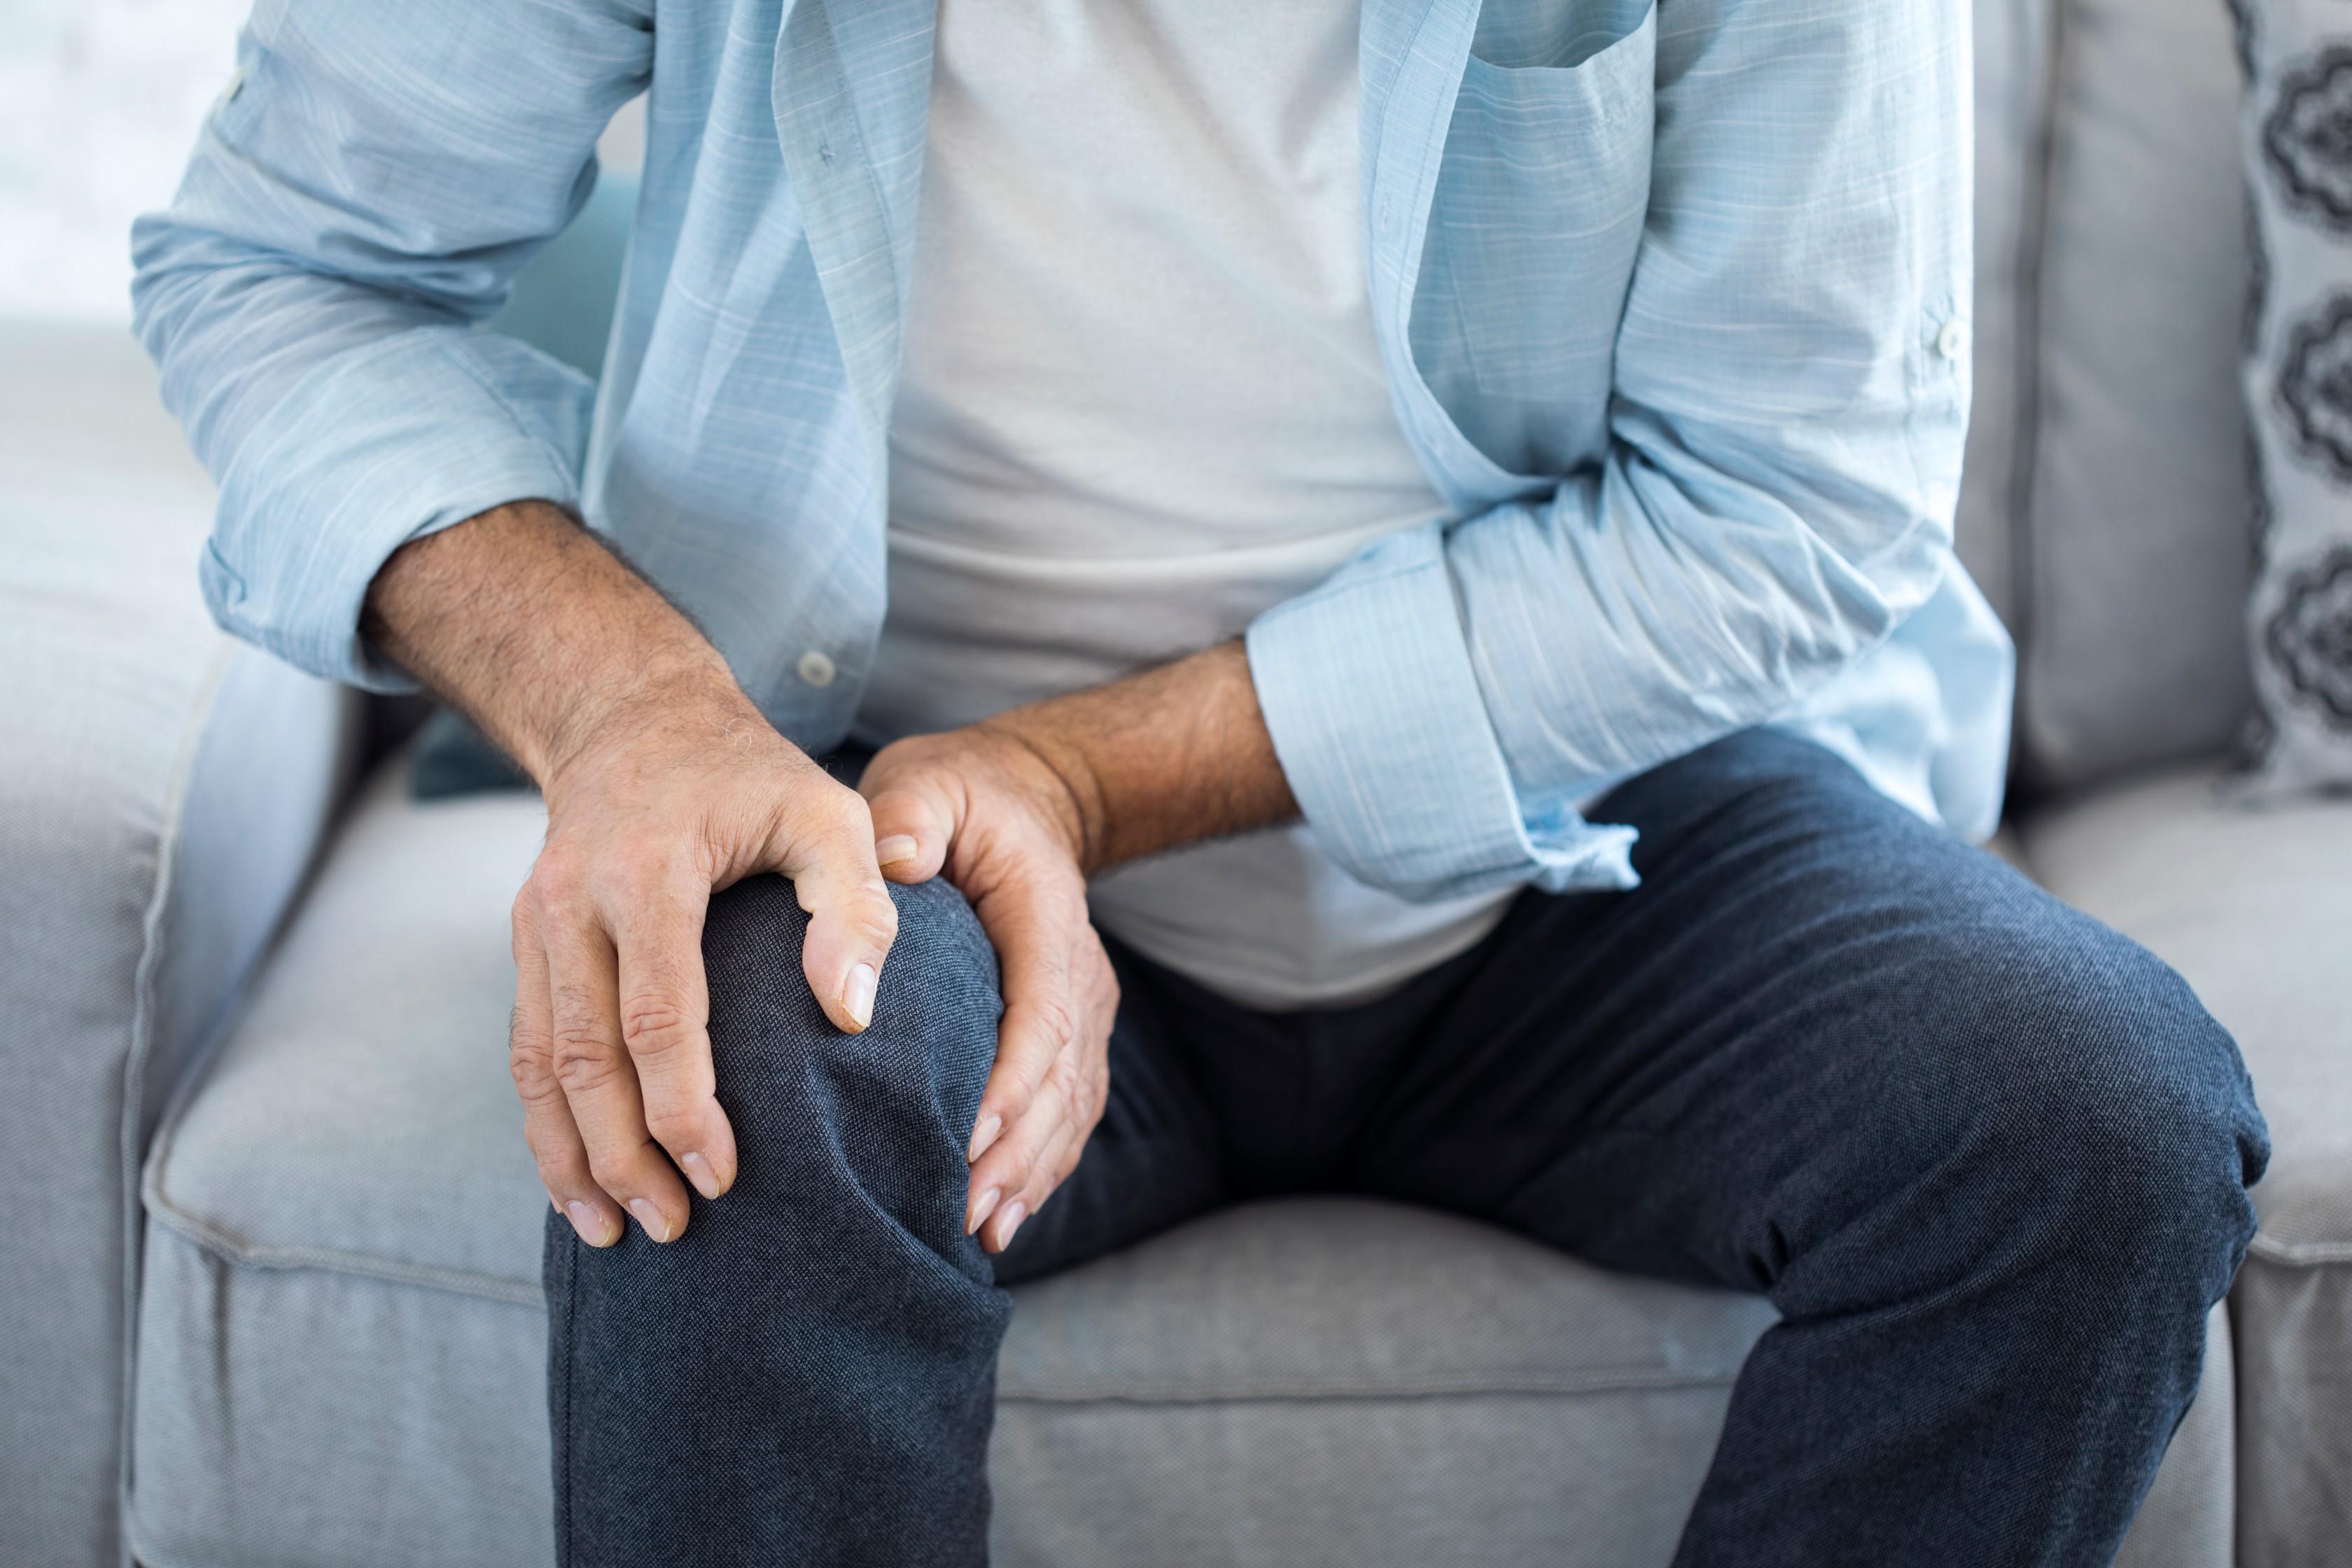 kenőcs az ízületek számára, nem melegítő szakorvos az artrózis kezelésében